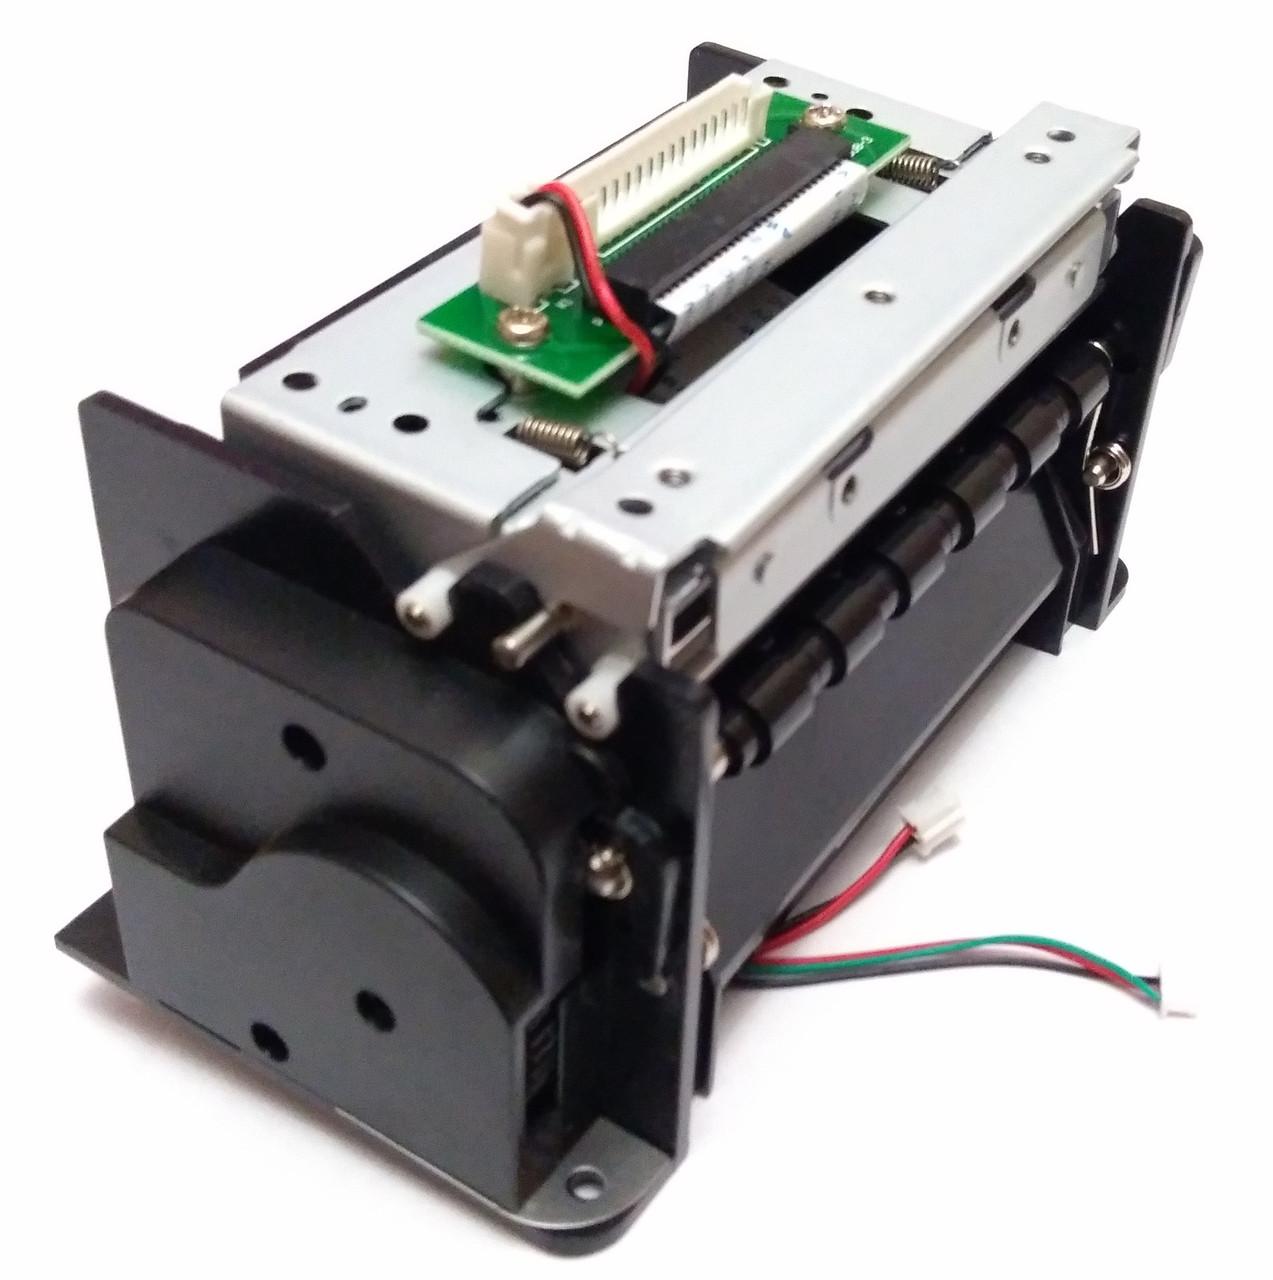 КОМПЛЕКТ Печатающая головка + Механизм протяжки ленты для принтера этикеток Xprinter XP-370B